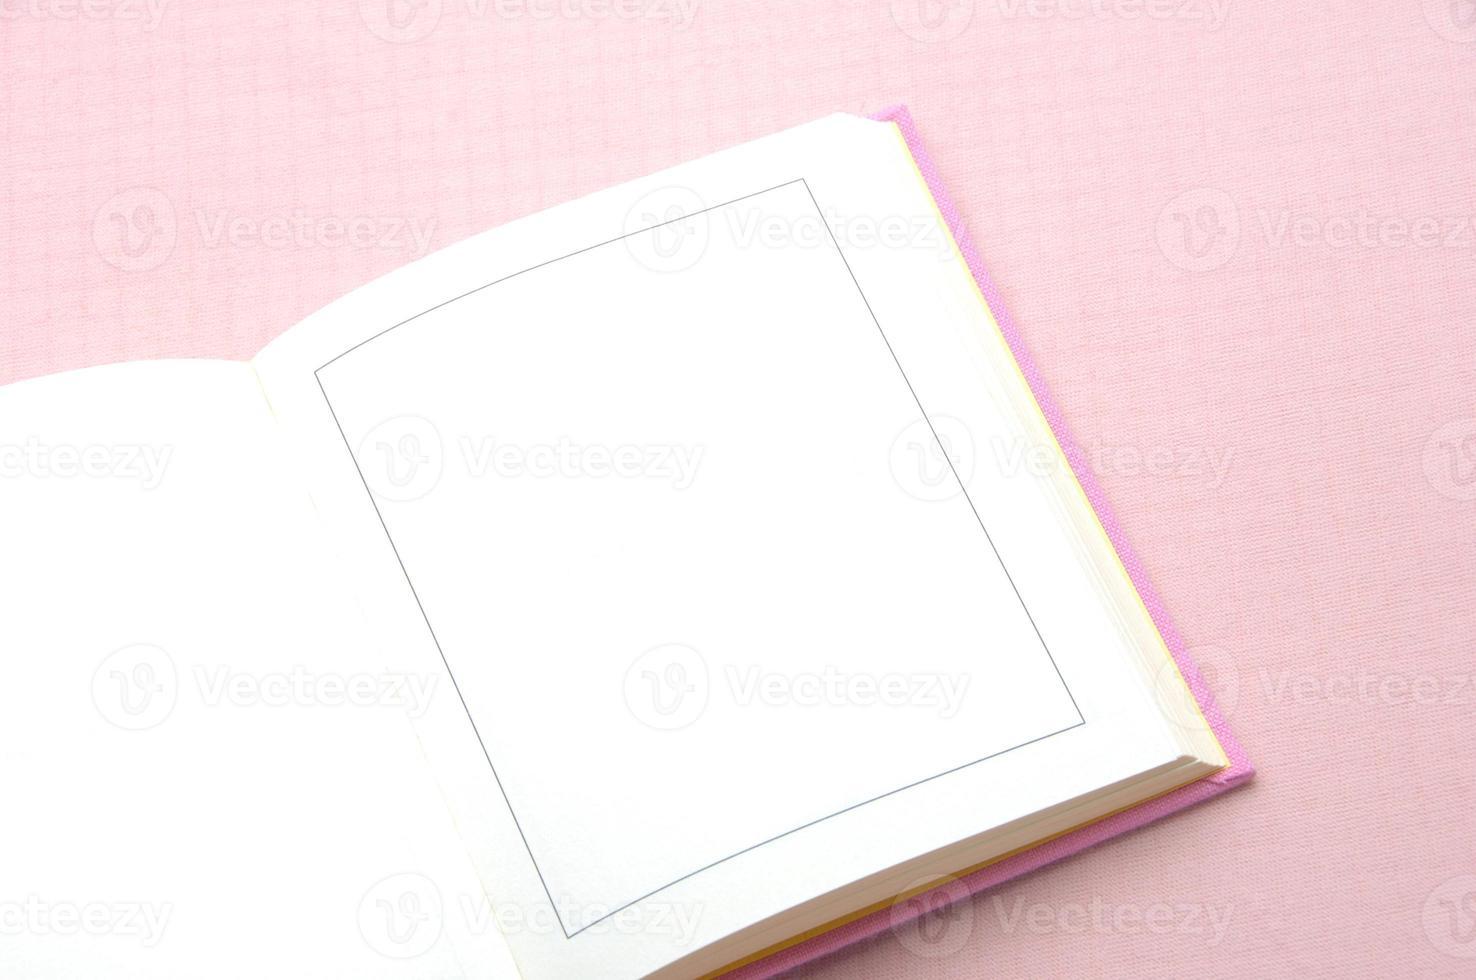 livre ouvert sur fond rose photo